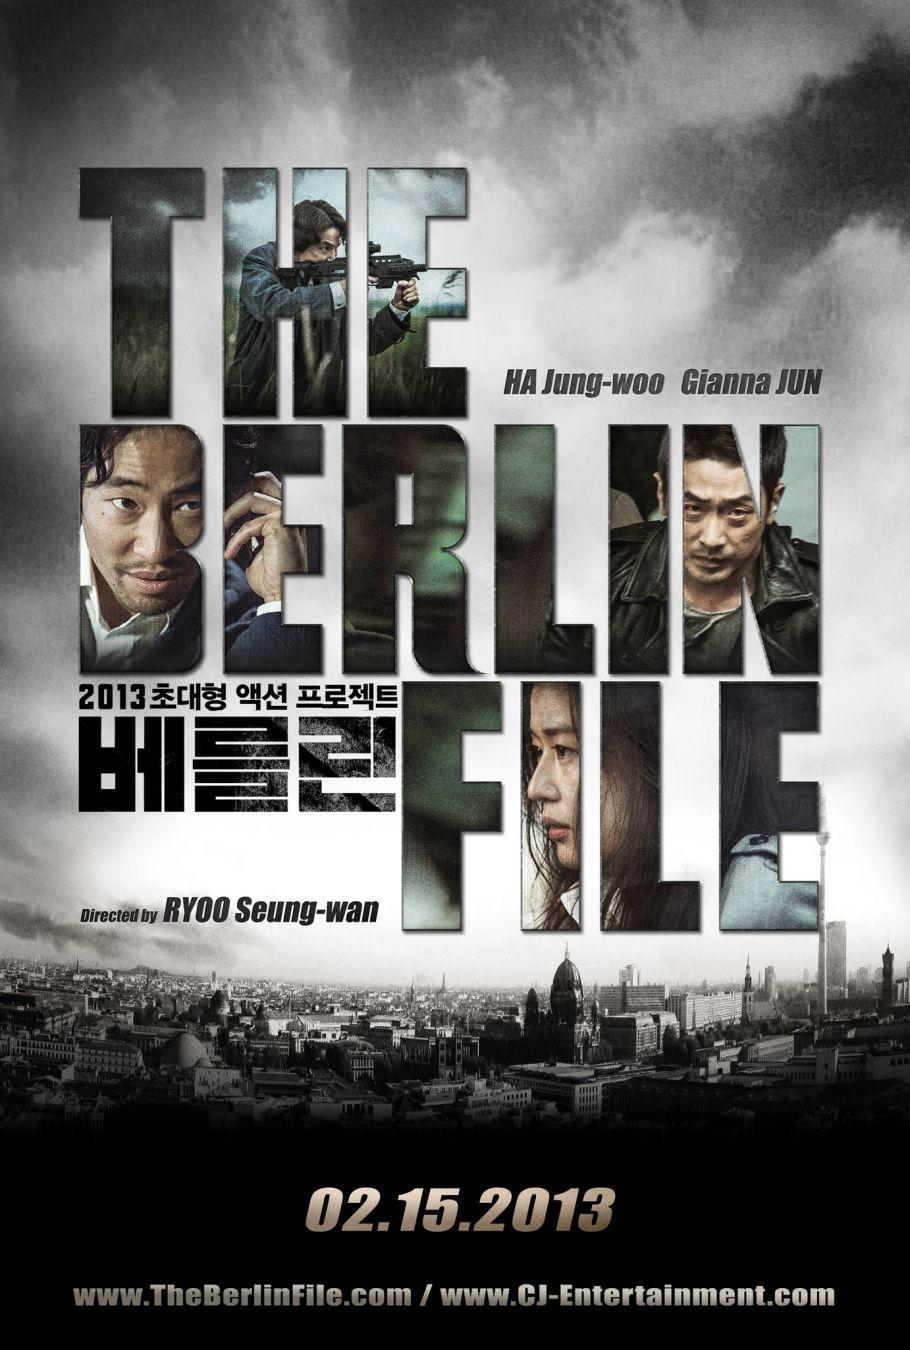 drama movies 2013 to 2015